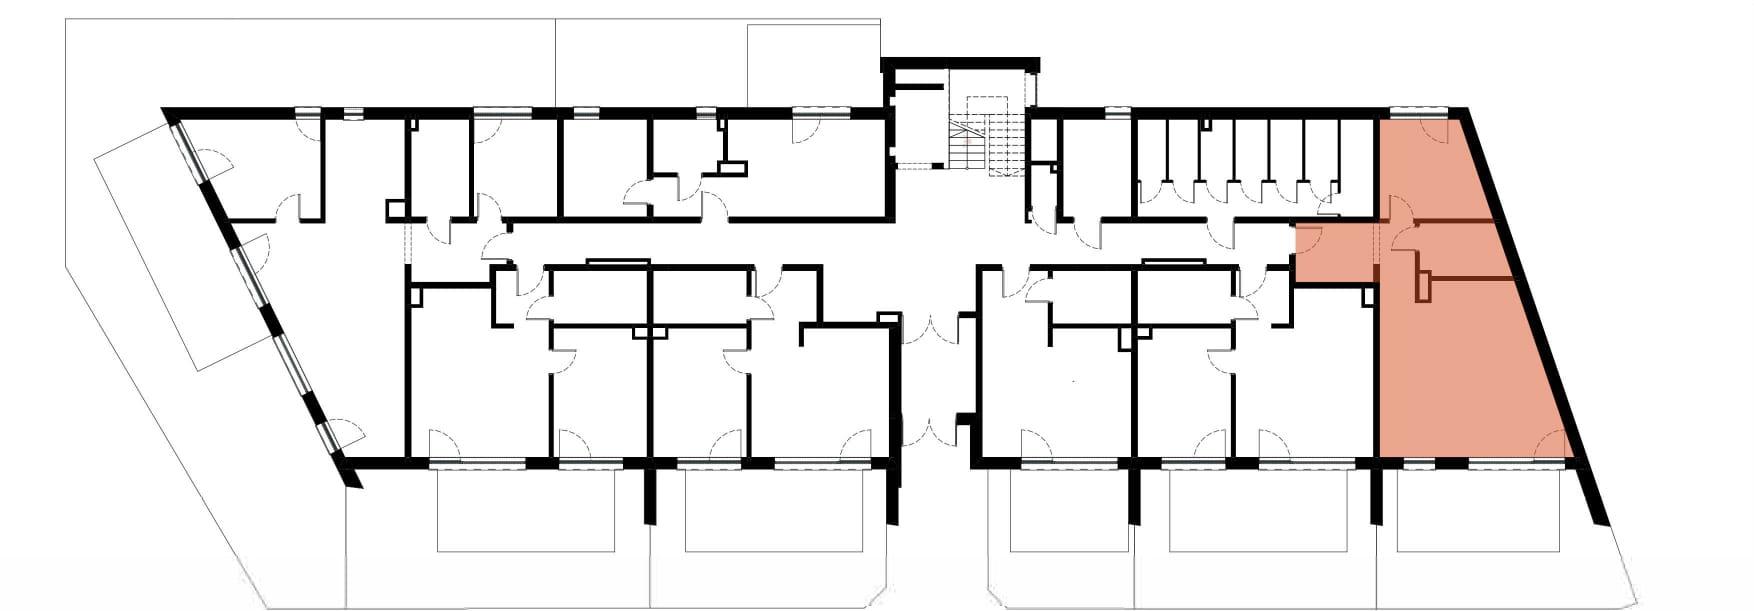 Apartamenty Kamienna / apartamenty inwestycyjne M01 rzut 2